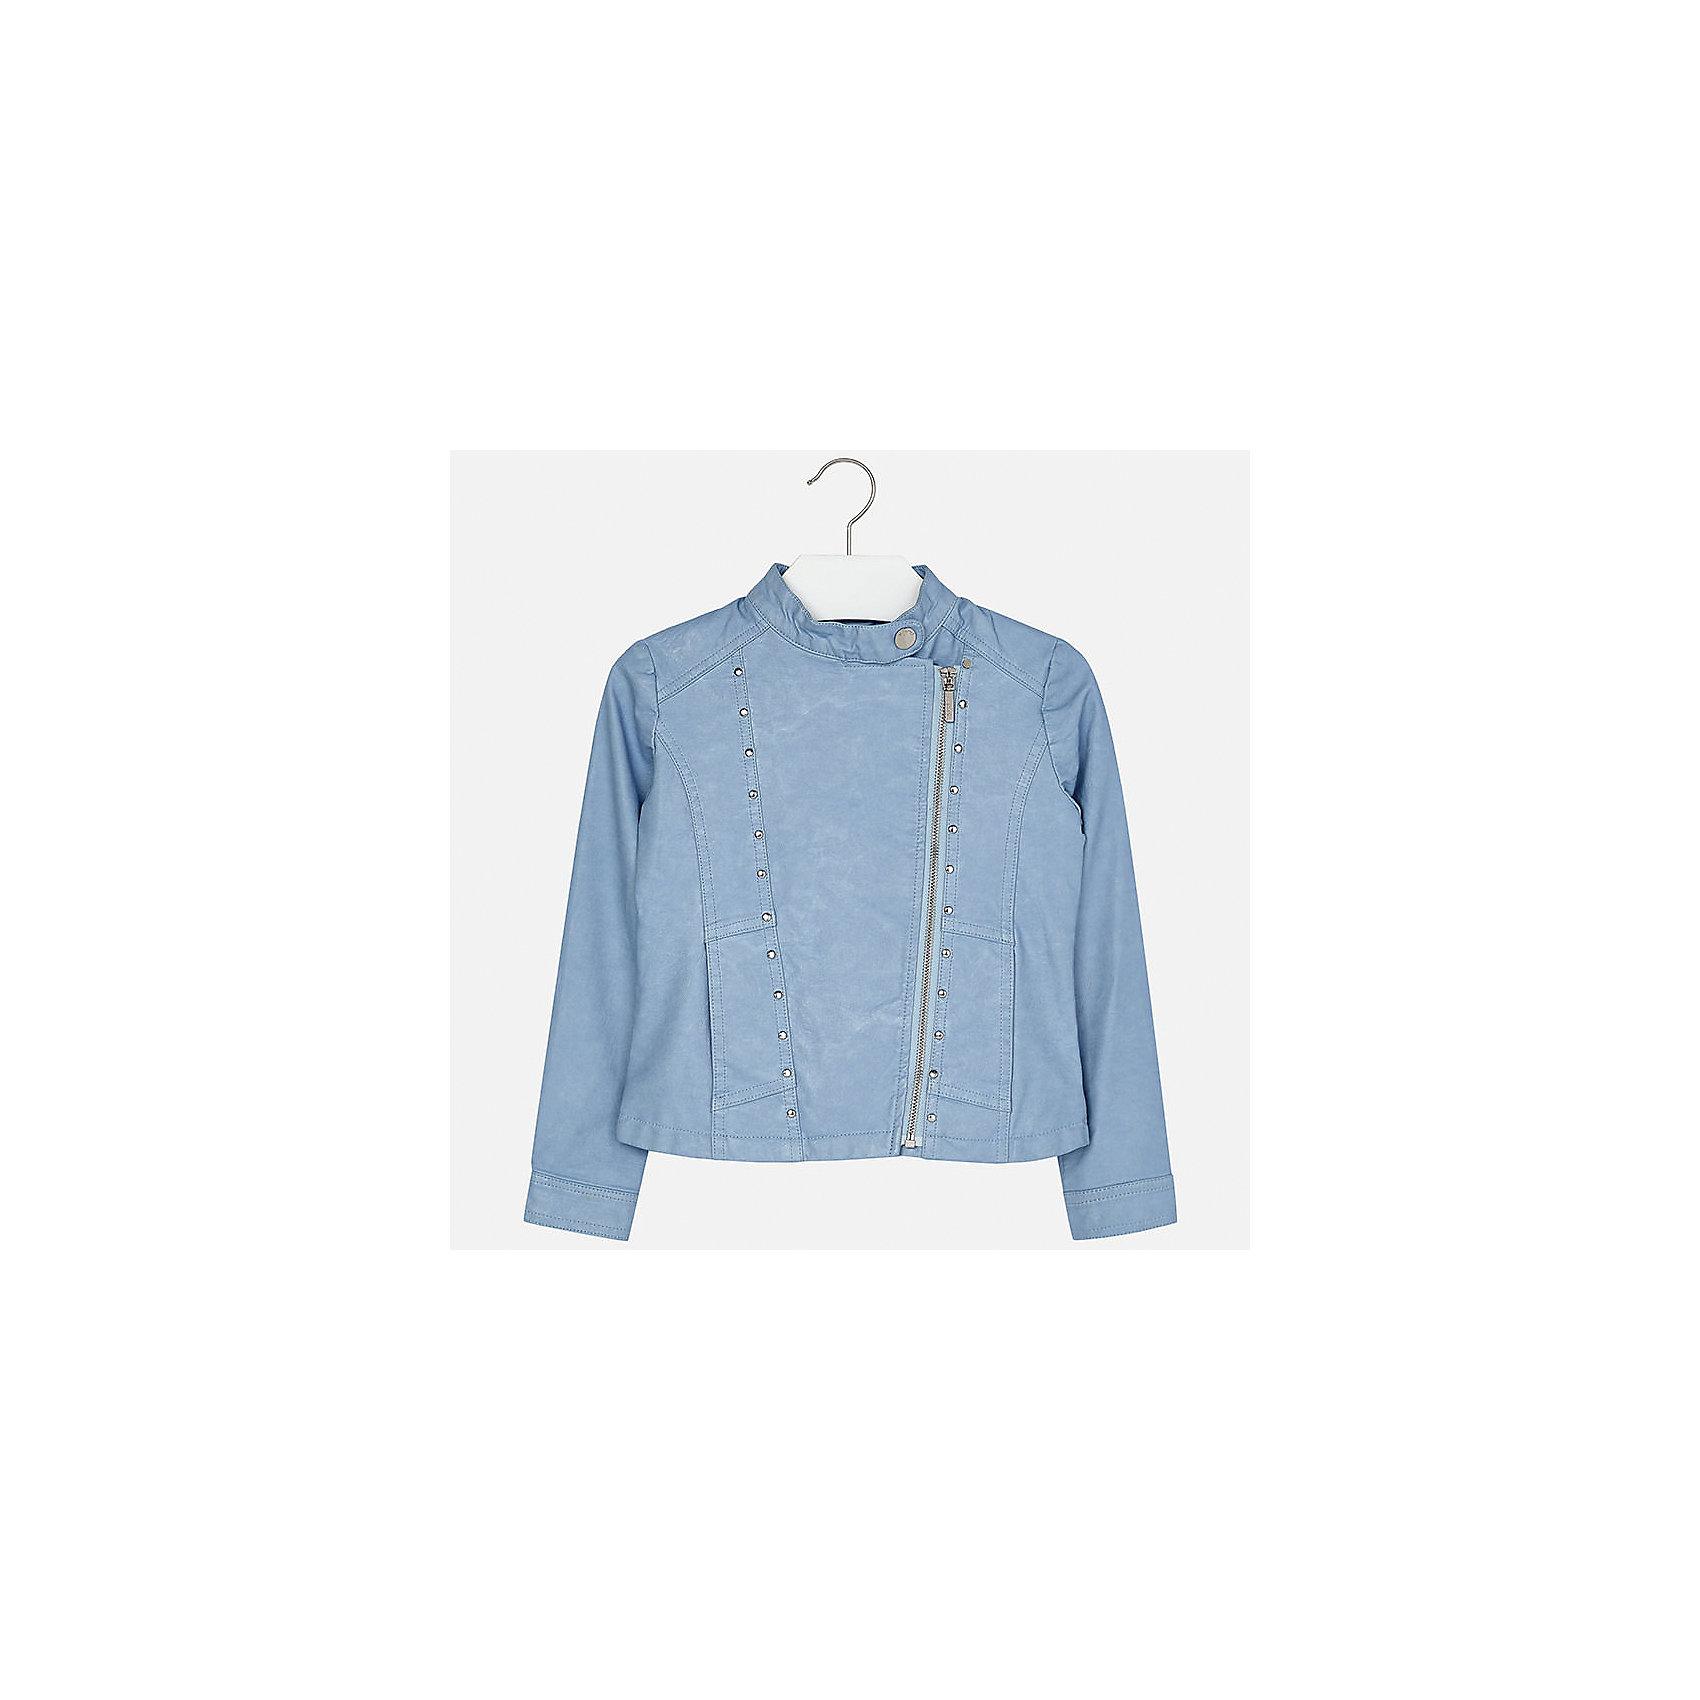 Куртка для девочки MayoralВерхняя одежда<br>Характеристики товара:<br><br>• цвет: голубой<br>• состав: 100% полиуретан, подкладка - 100% полиэстер<br>• косая молния<br>• карманы<br>• с длинными рукавами <br>• металлические элементы на планке<br>• страна бренда: Испания<br><br>Очень стильная куртка для девочки поможет разнообразить гардероб ребенка и украсить наряд. Он отлично сочетается и с юбками, и с брюками. Универсальный цвет позволяет подобрать к вещи низ различных расцветок. Интересная отделка модели делает её нарядной и оригинальной.<br><br>Одежда, обувь и аксессуары от испанского бренда Mayoral полюбились детям и взрослым по всему миру. Модели этой марки - стильные и удобные. Для их производства используются только безопасные, качественные материалы и фурнитура. Порадуйте ребенка модными и красивыми вещами от Mayoral! <br><br>Куртку для девочки от испанского бренда Mayoral (Майорал) можно купить в нашем интернет-магазине.<br><br>Ширина мм: 356<br>Глубина мм: 10<br>Высота мм: 245<br>Вес г: 519<br>Цвет: голубой<br>Возраст от месяцев: 84<br>Возраст до месяцев: 96<br>Пол: Женский<br>Возраст: Детский<br>Размер: 128/134,170,164,158,152,140<br>SKU: 5292856